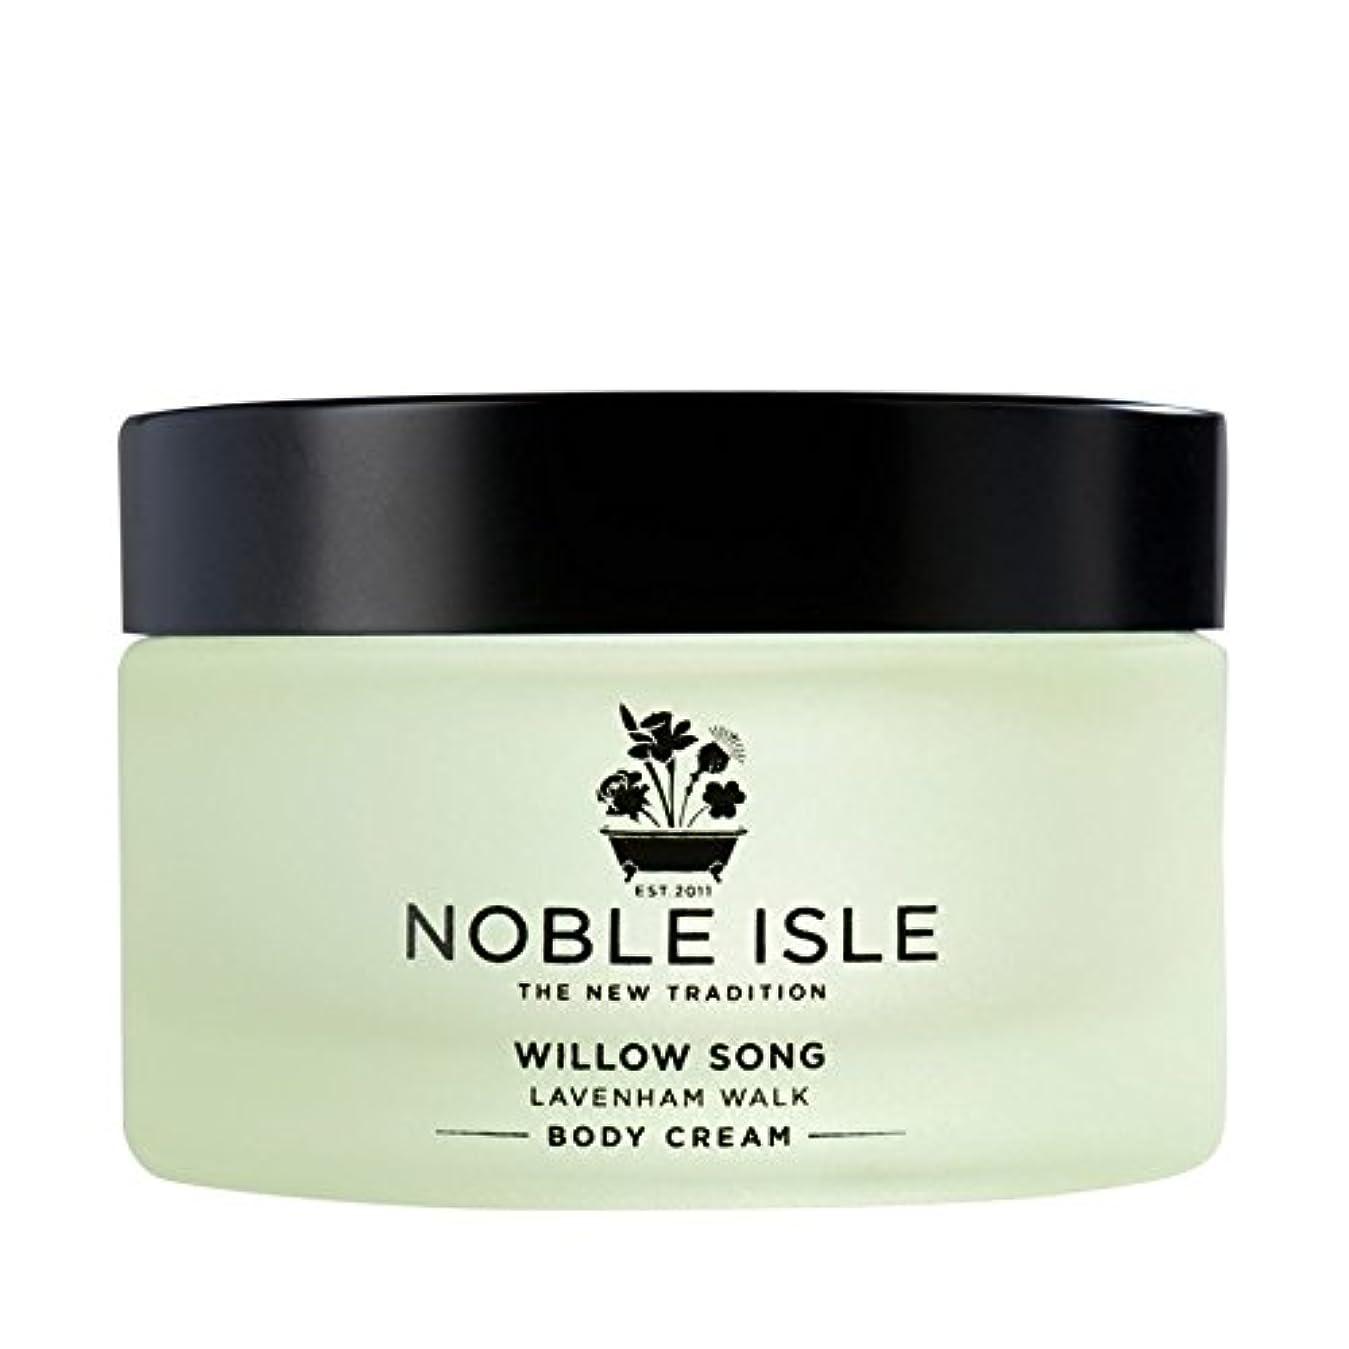 付与軍団区高貴な島柳の歌ラヴァンハム徒歩ボディクリーム170ミリリットル x2 - Noble Isle Willow Song Lavenham Walk Body Cream 170ml (Pack of 2) [並行輸入品]